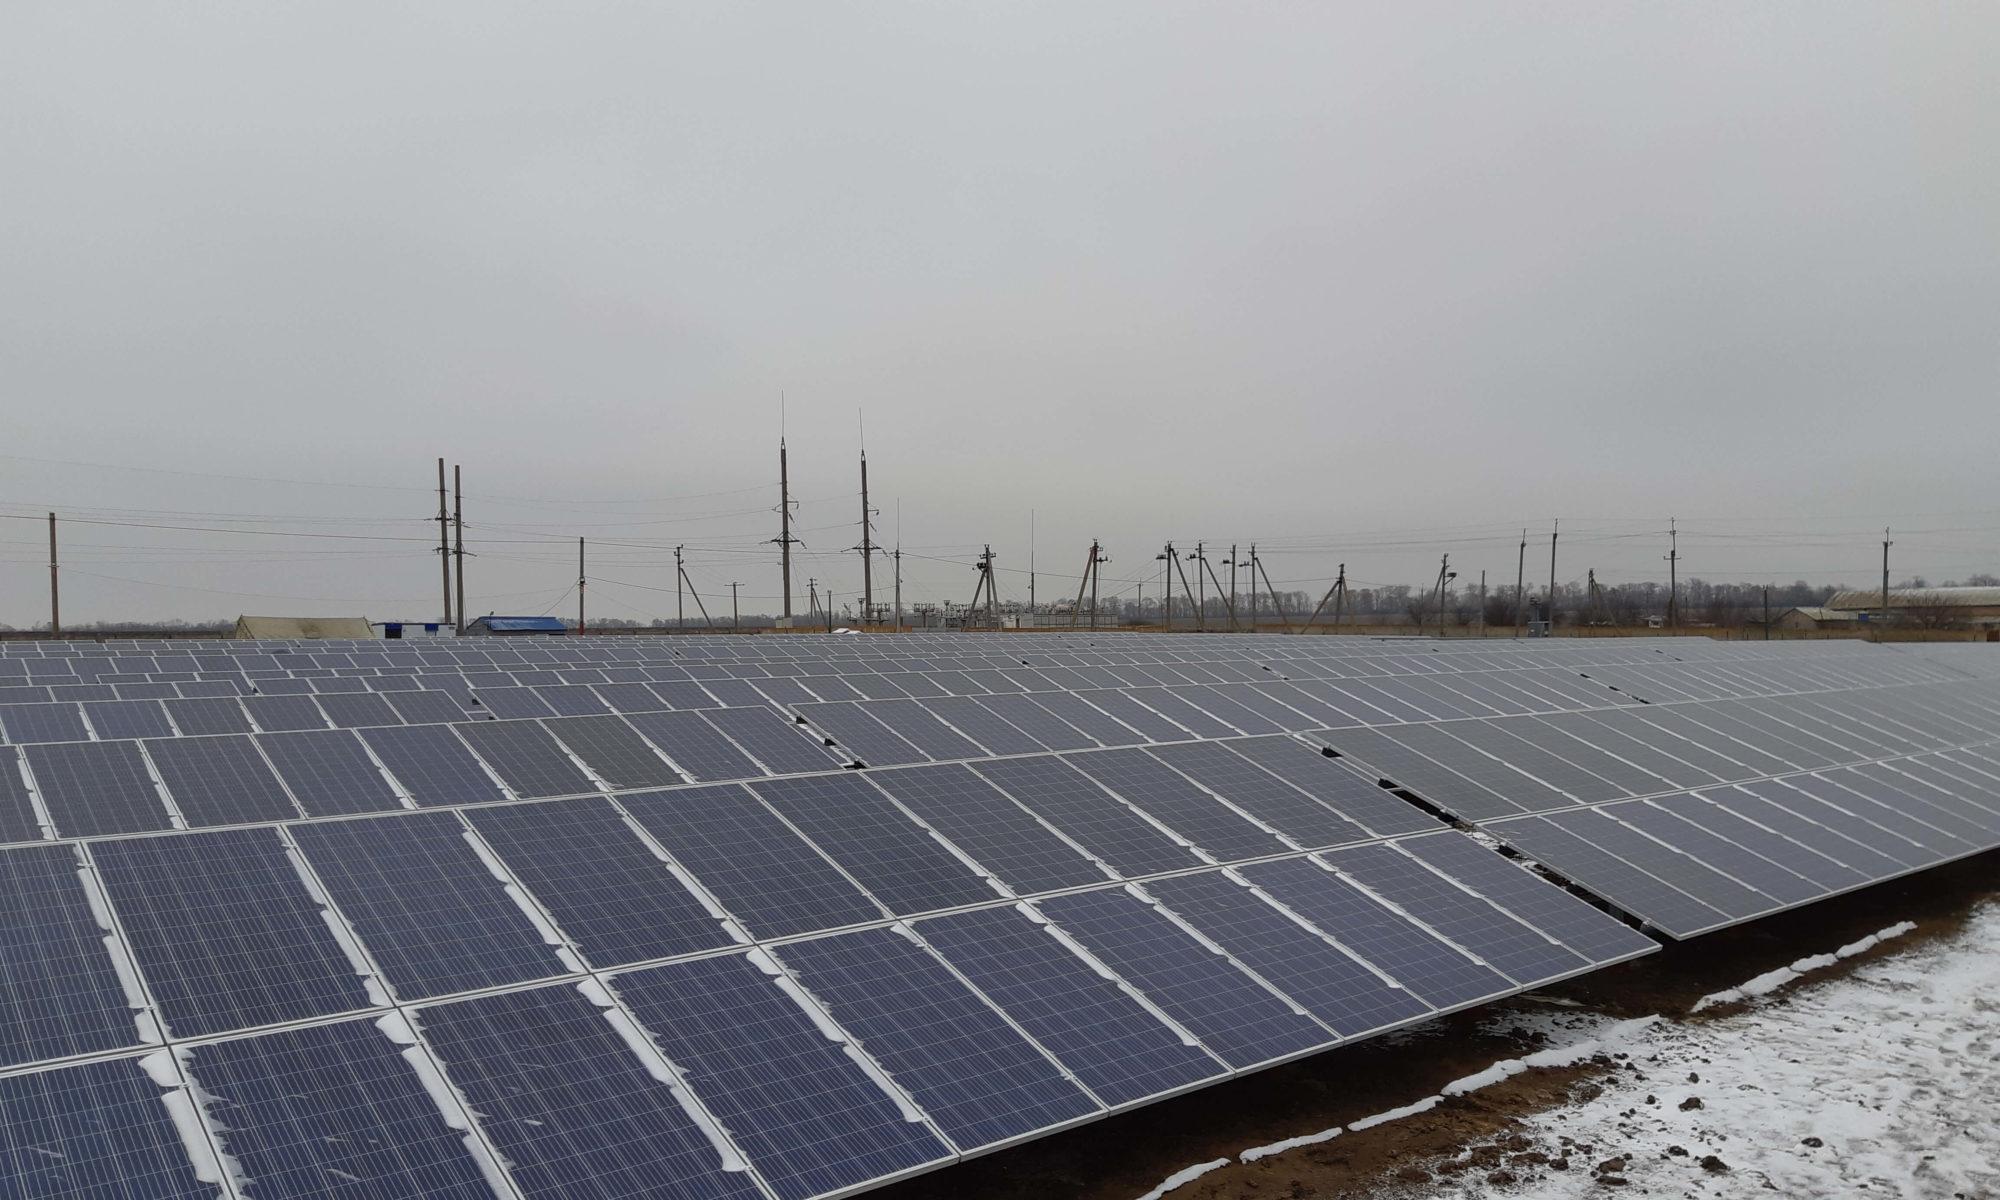 солнечная электростанция построить, ФЭМ, СЭС купить, цена солнечной электростанции